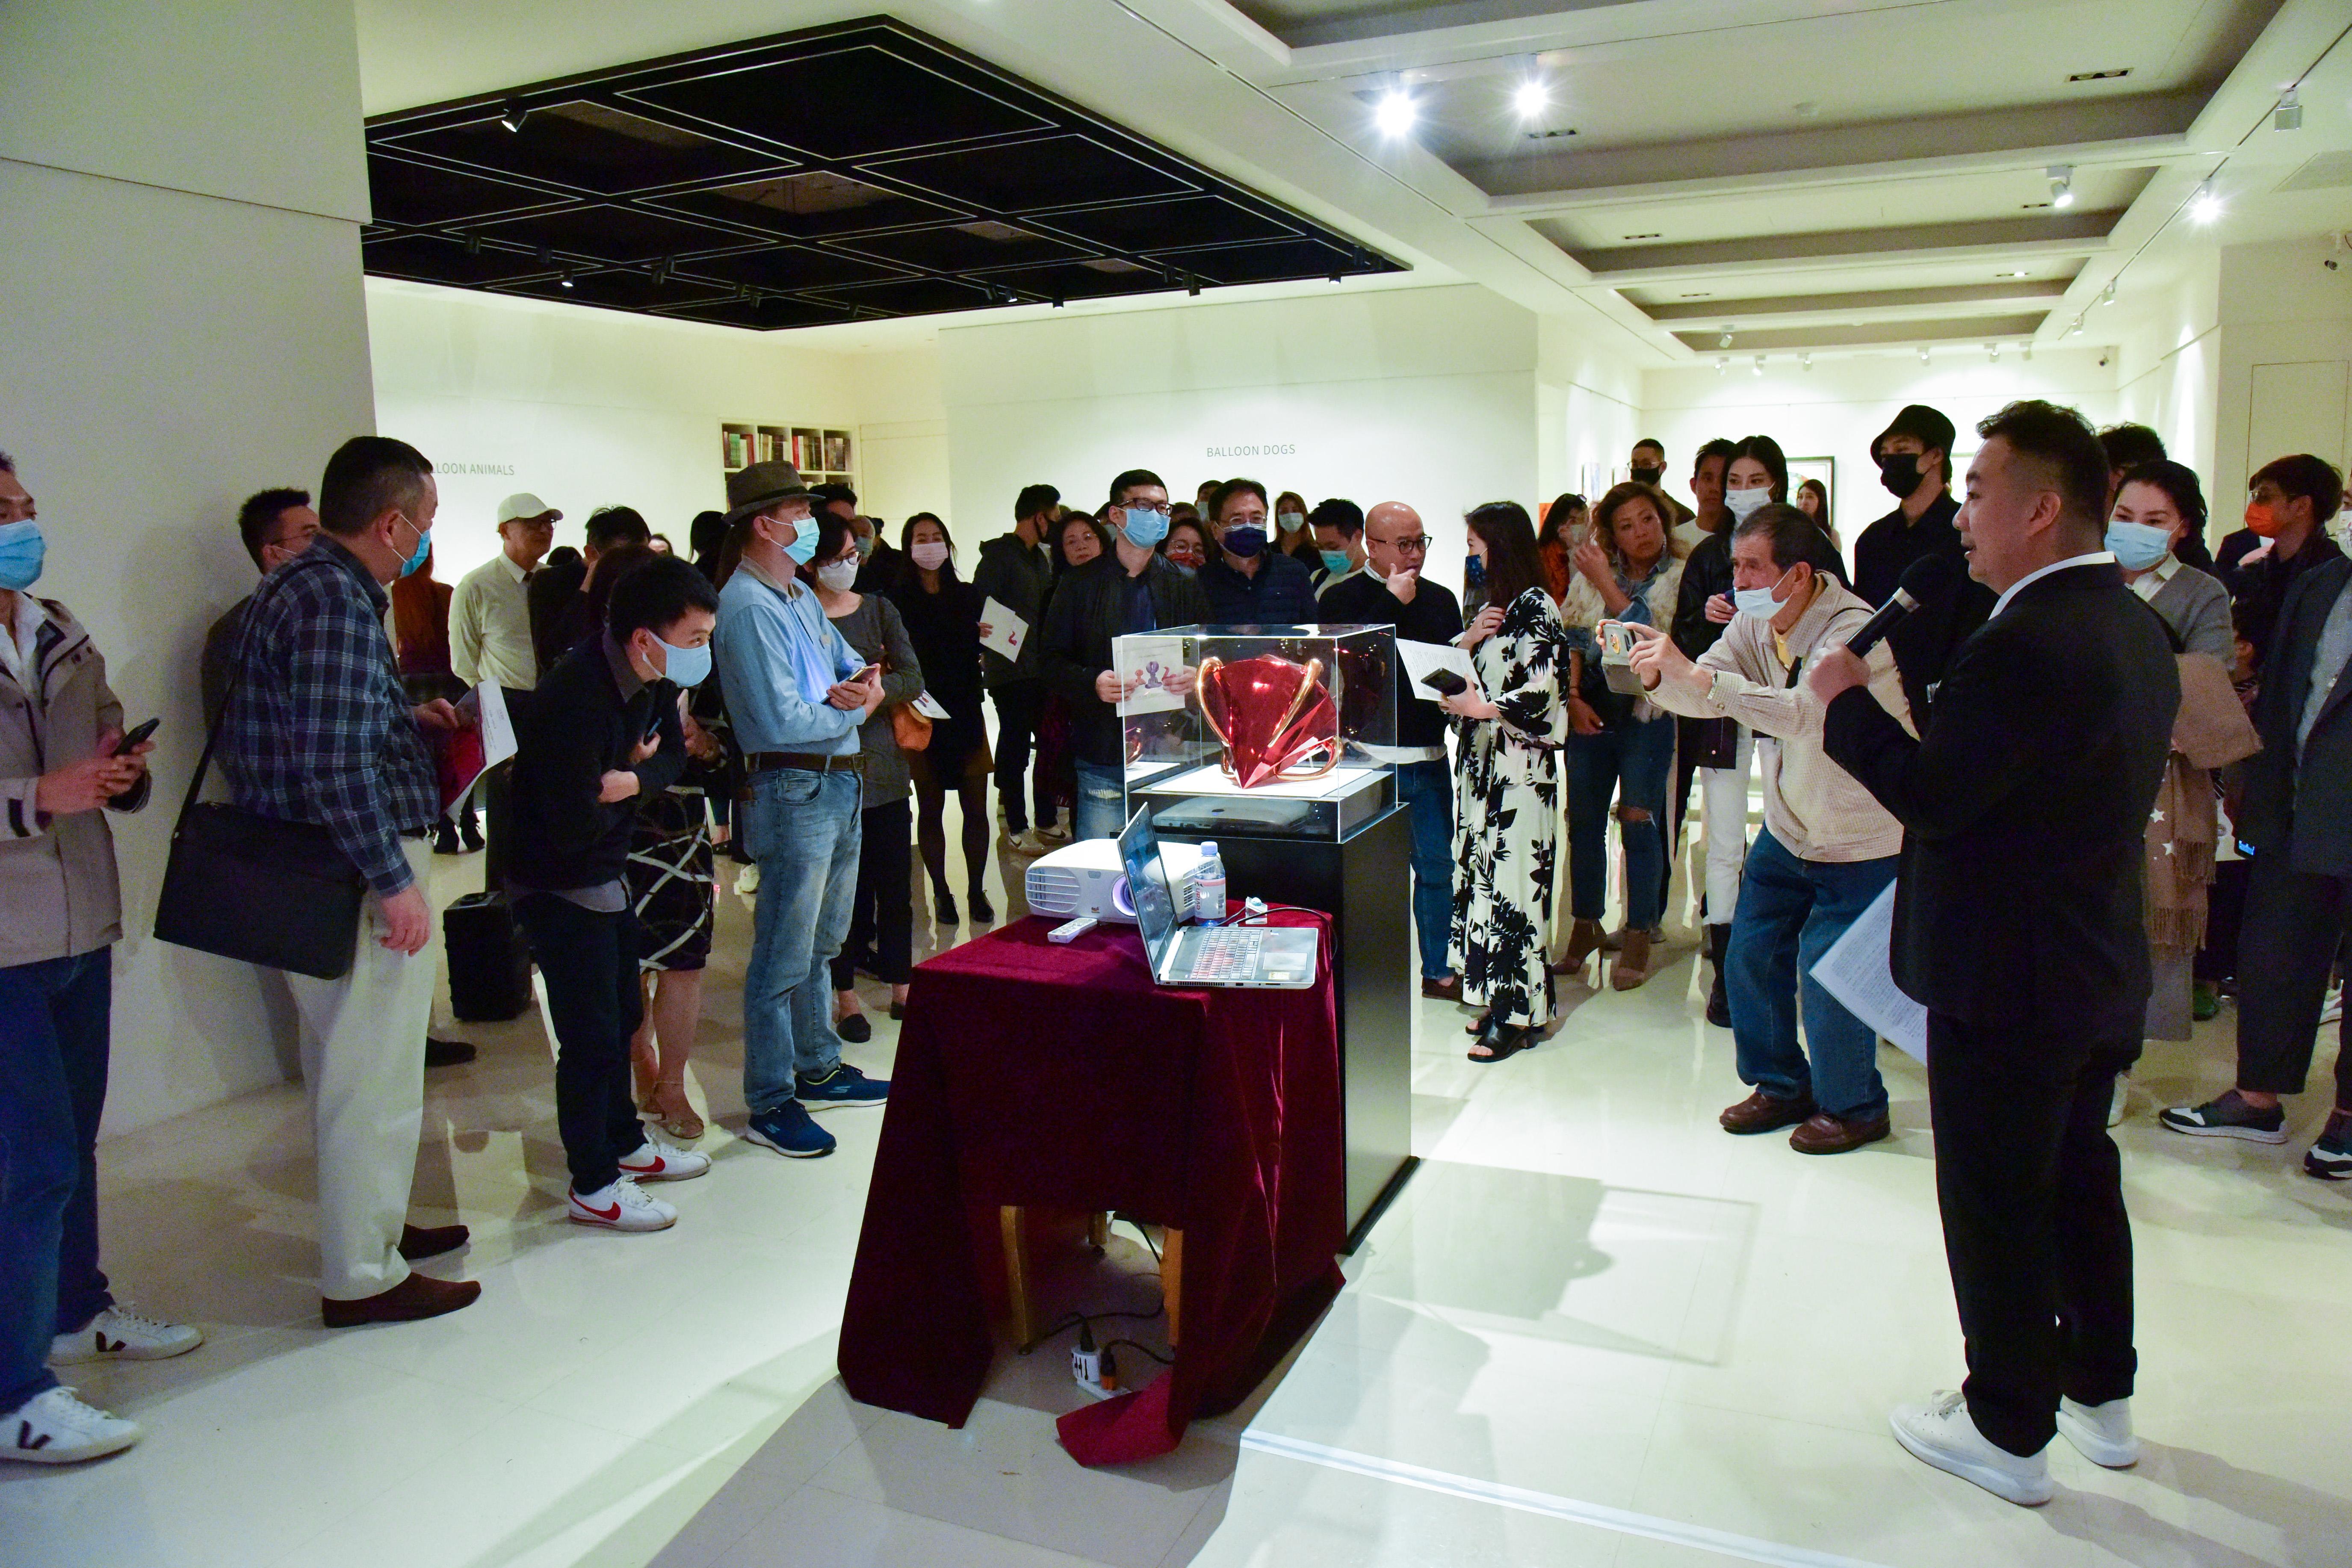 開幕現場由印象畫廊歐展榮解說「紅鑽」。